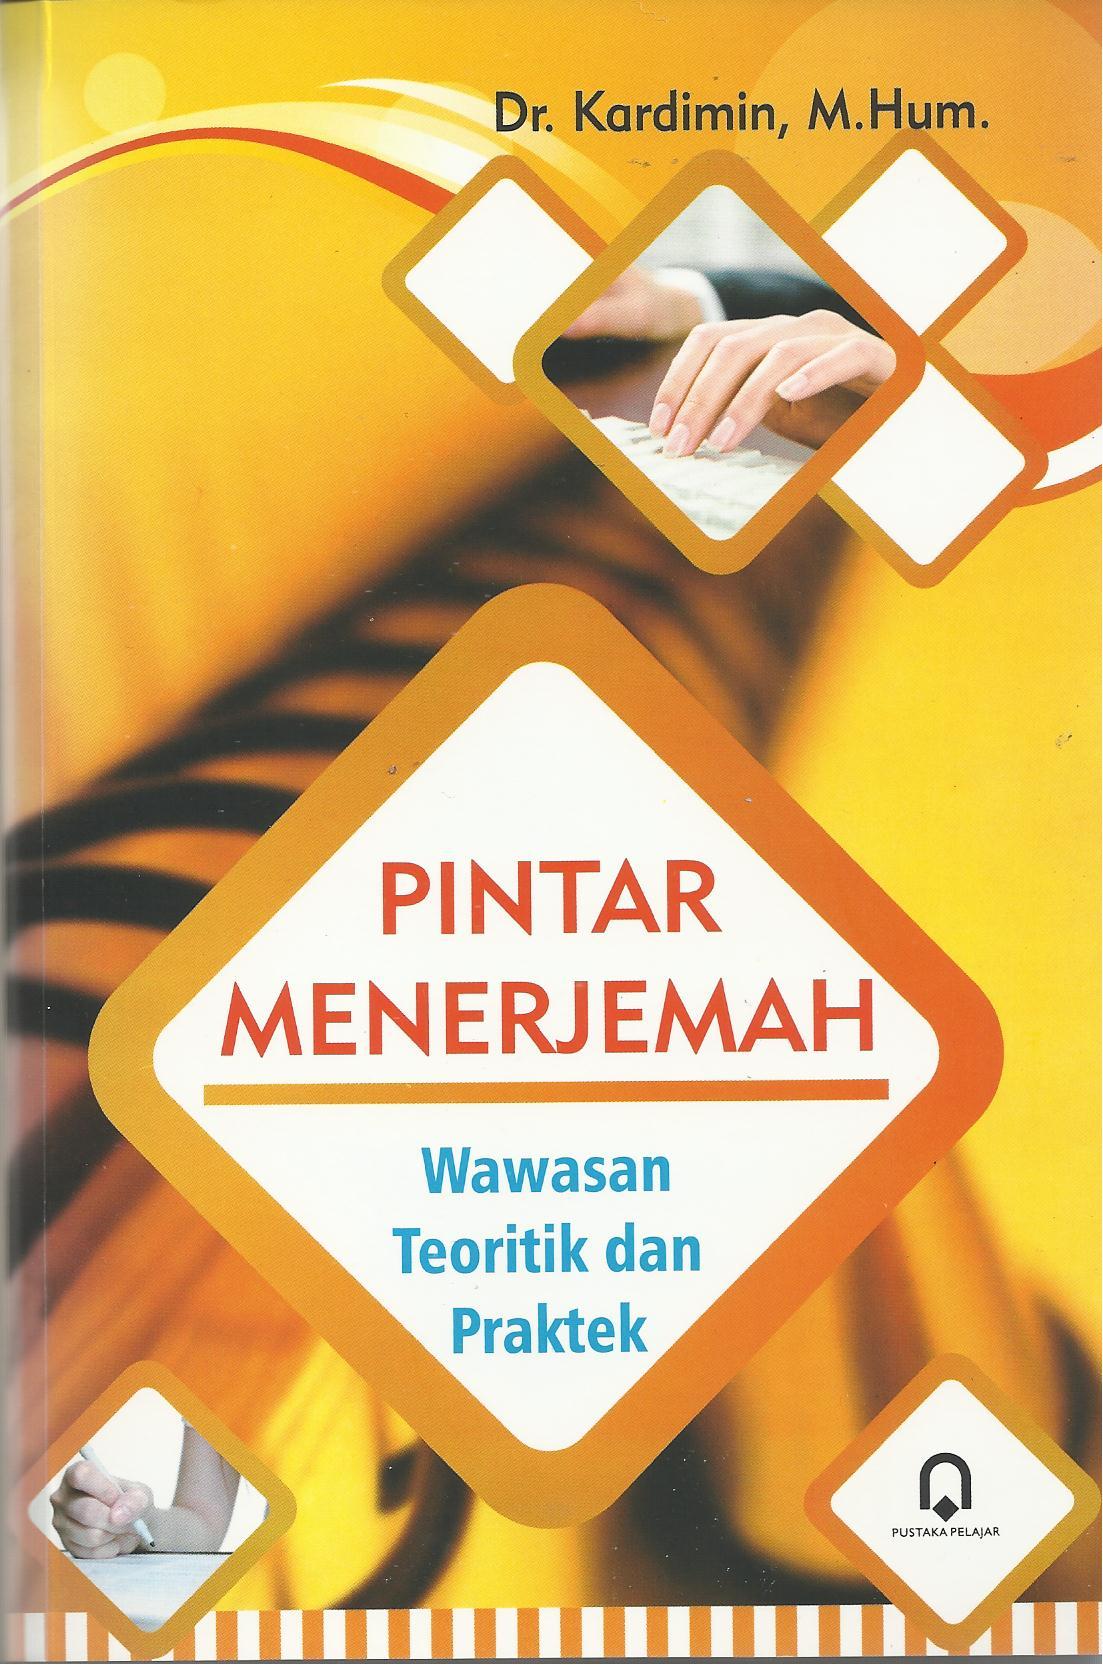 Pintar Menerjemah Wawasan Teoritik dan Praktek